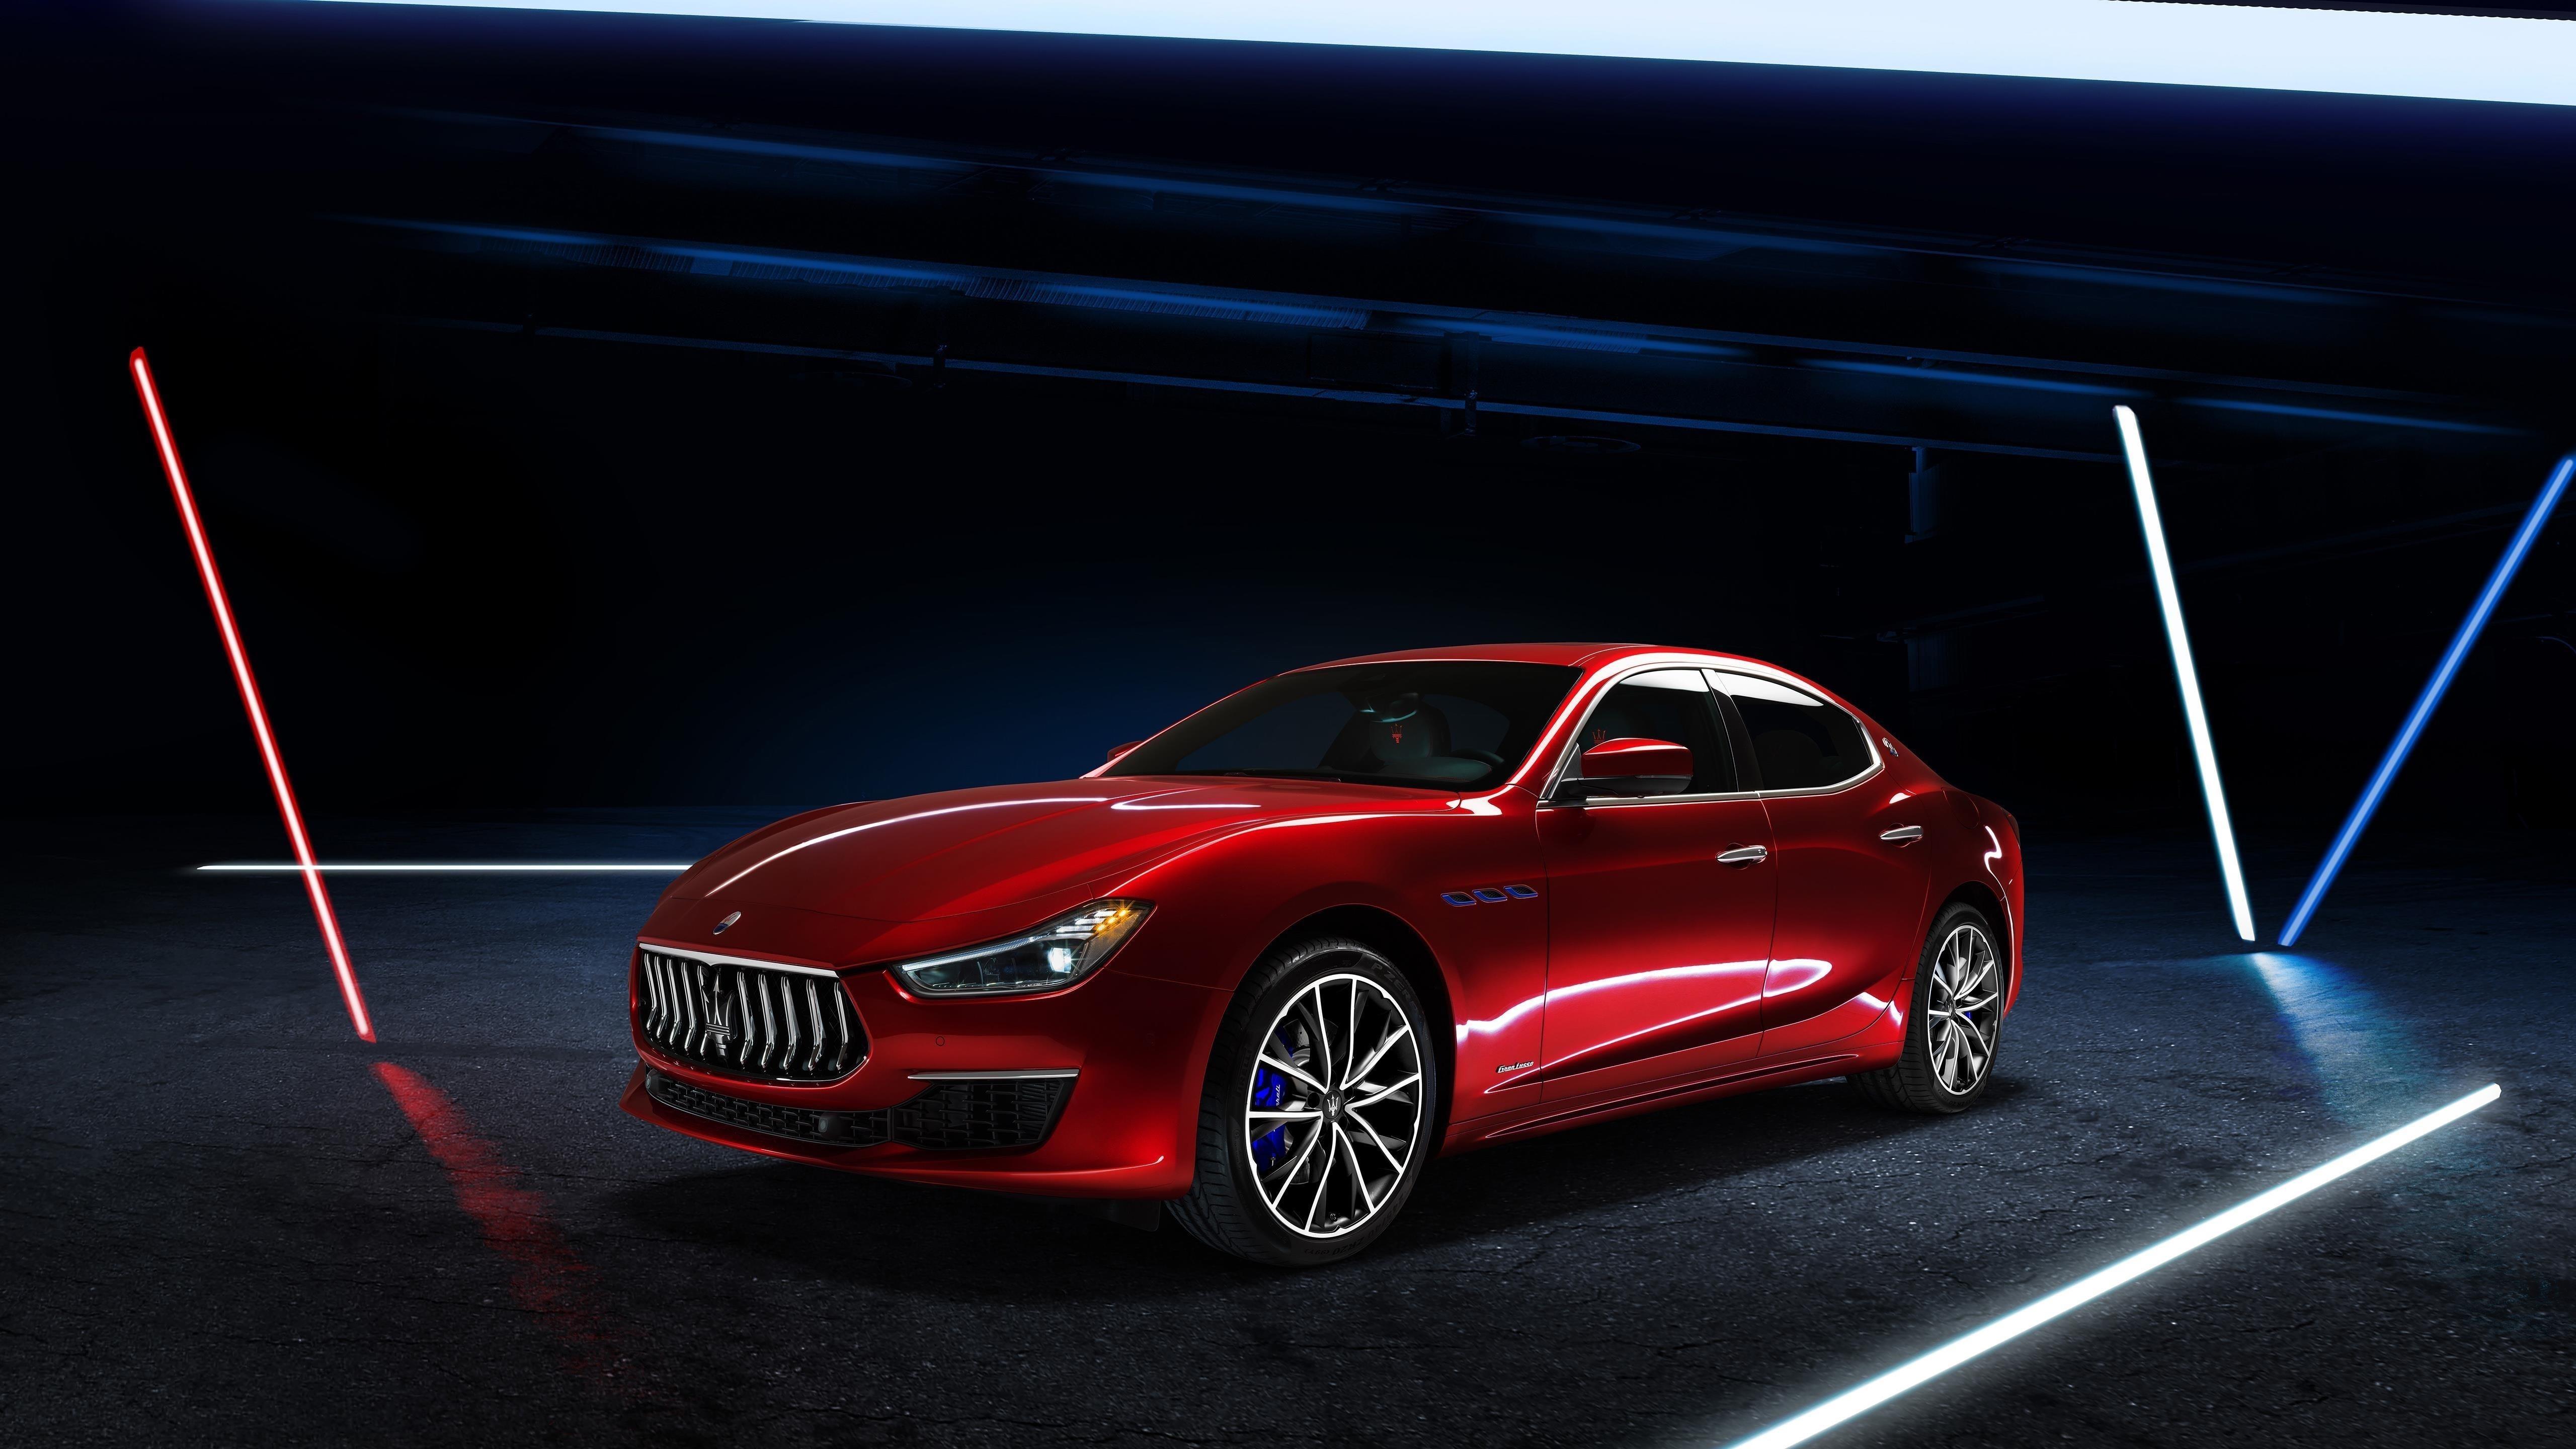 Maserati ghibli gran lusso hybrid 2020 обои скачать